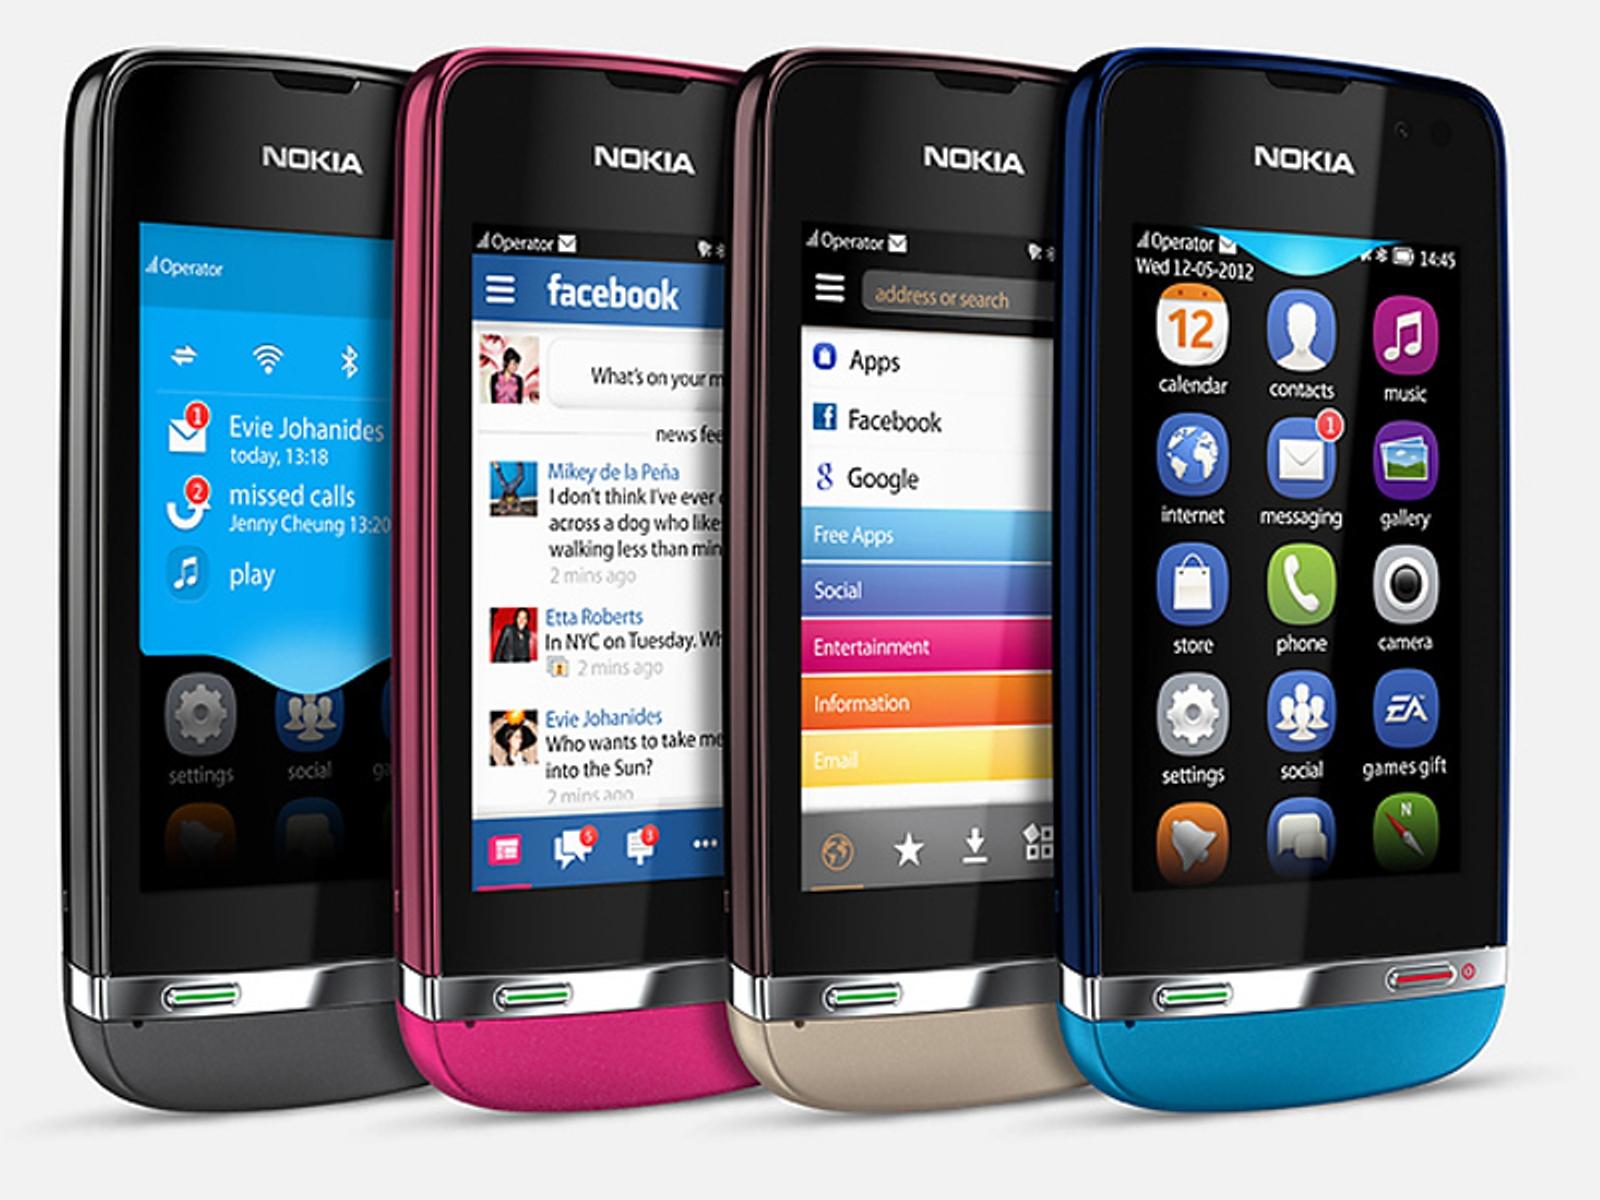 картинки бесплатно на телефоны nokia